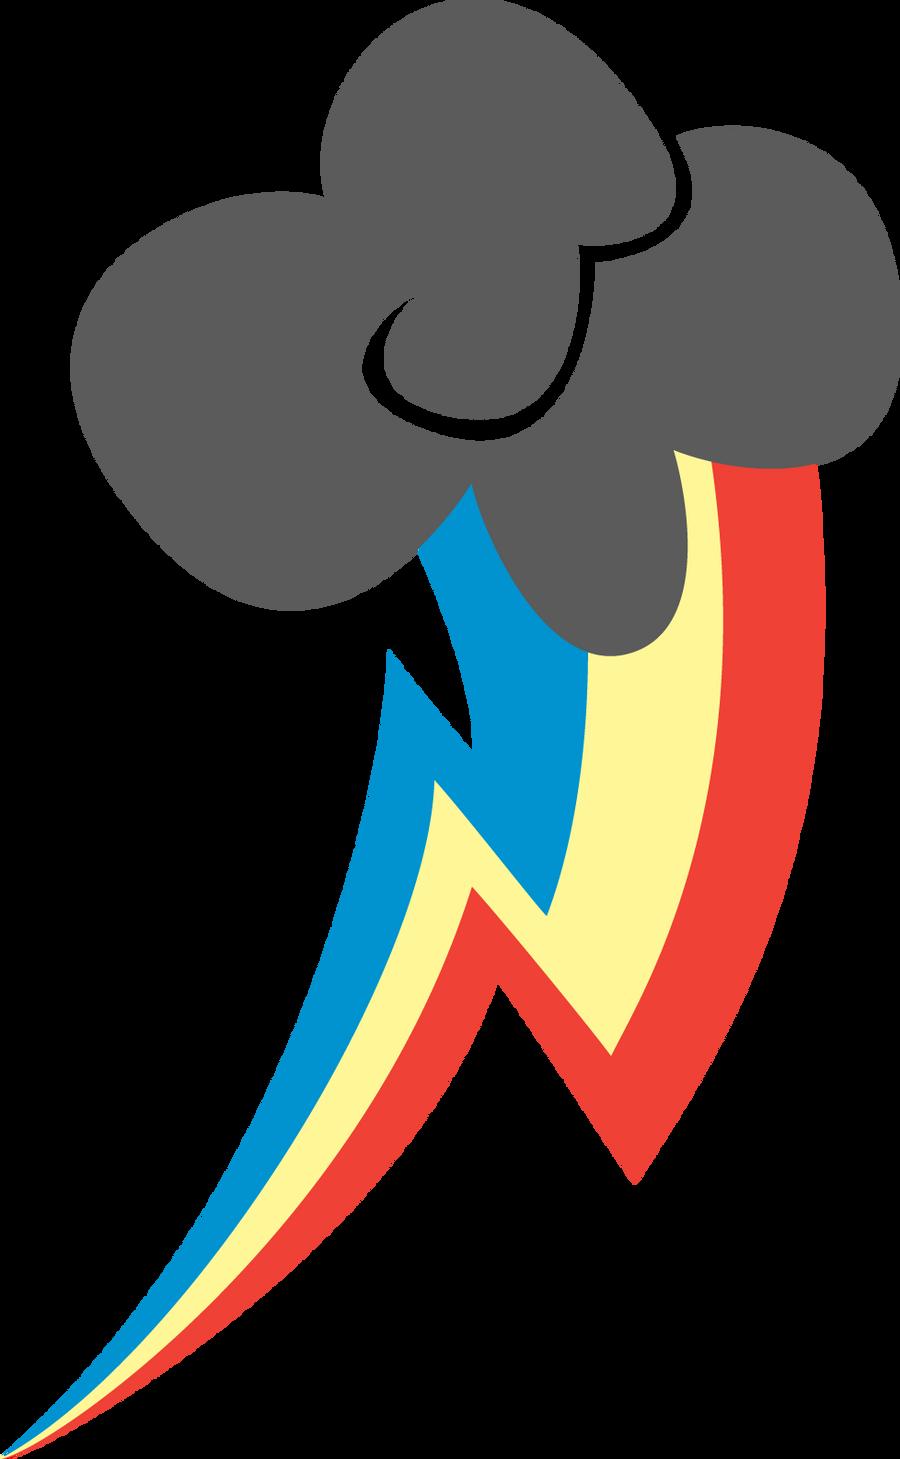 Rainbow dash cutie mark coloring page - Cutie Mark Image